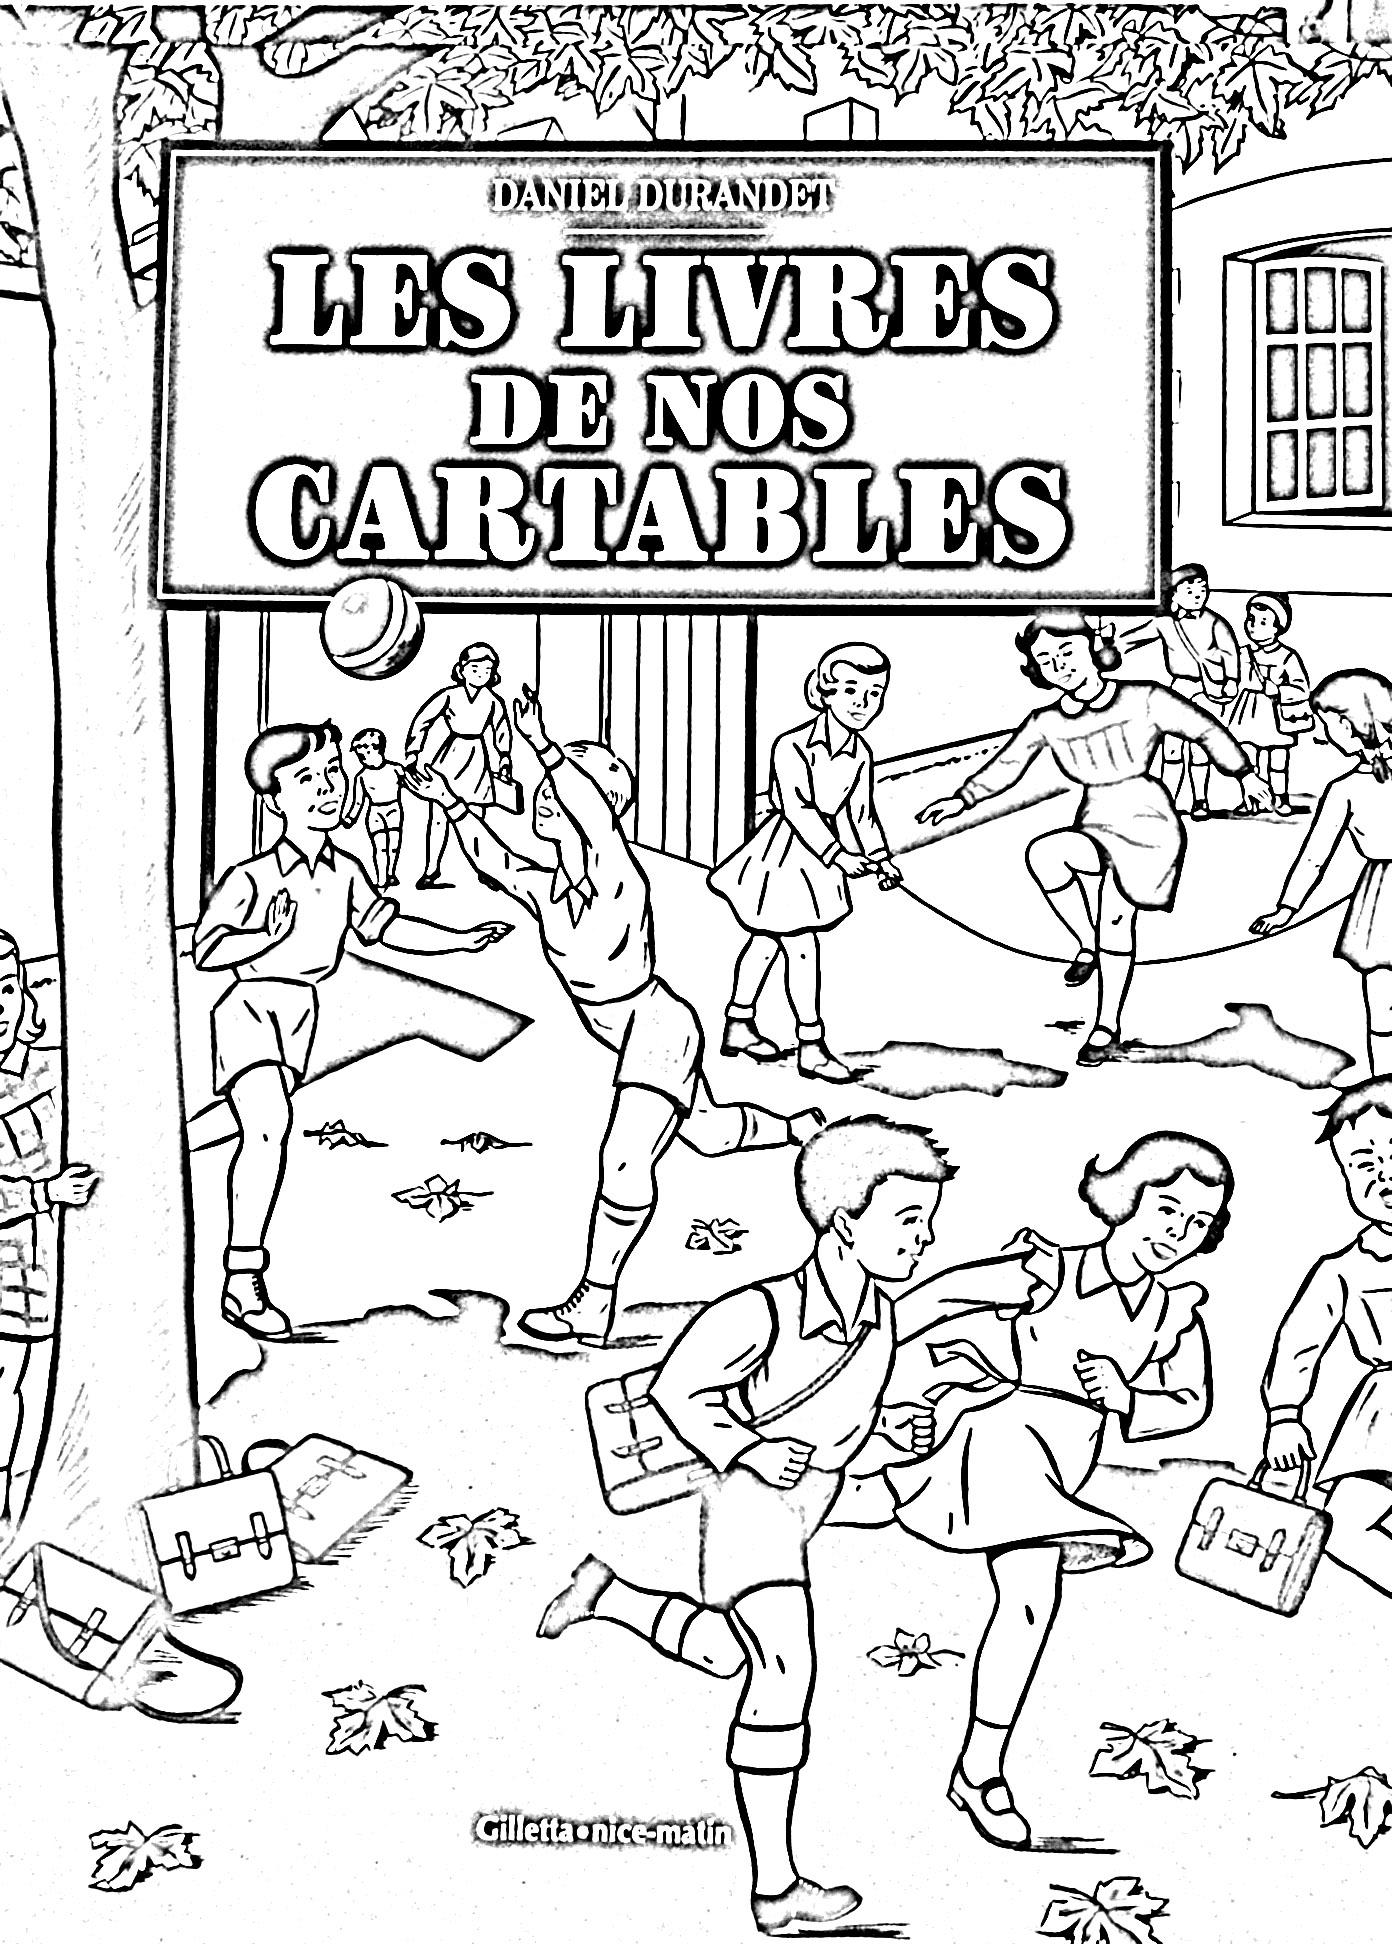 Front page of 'Les livres de nos cartables' written by Daniel Durandet